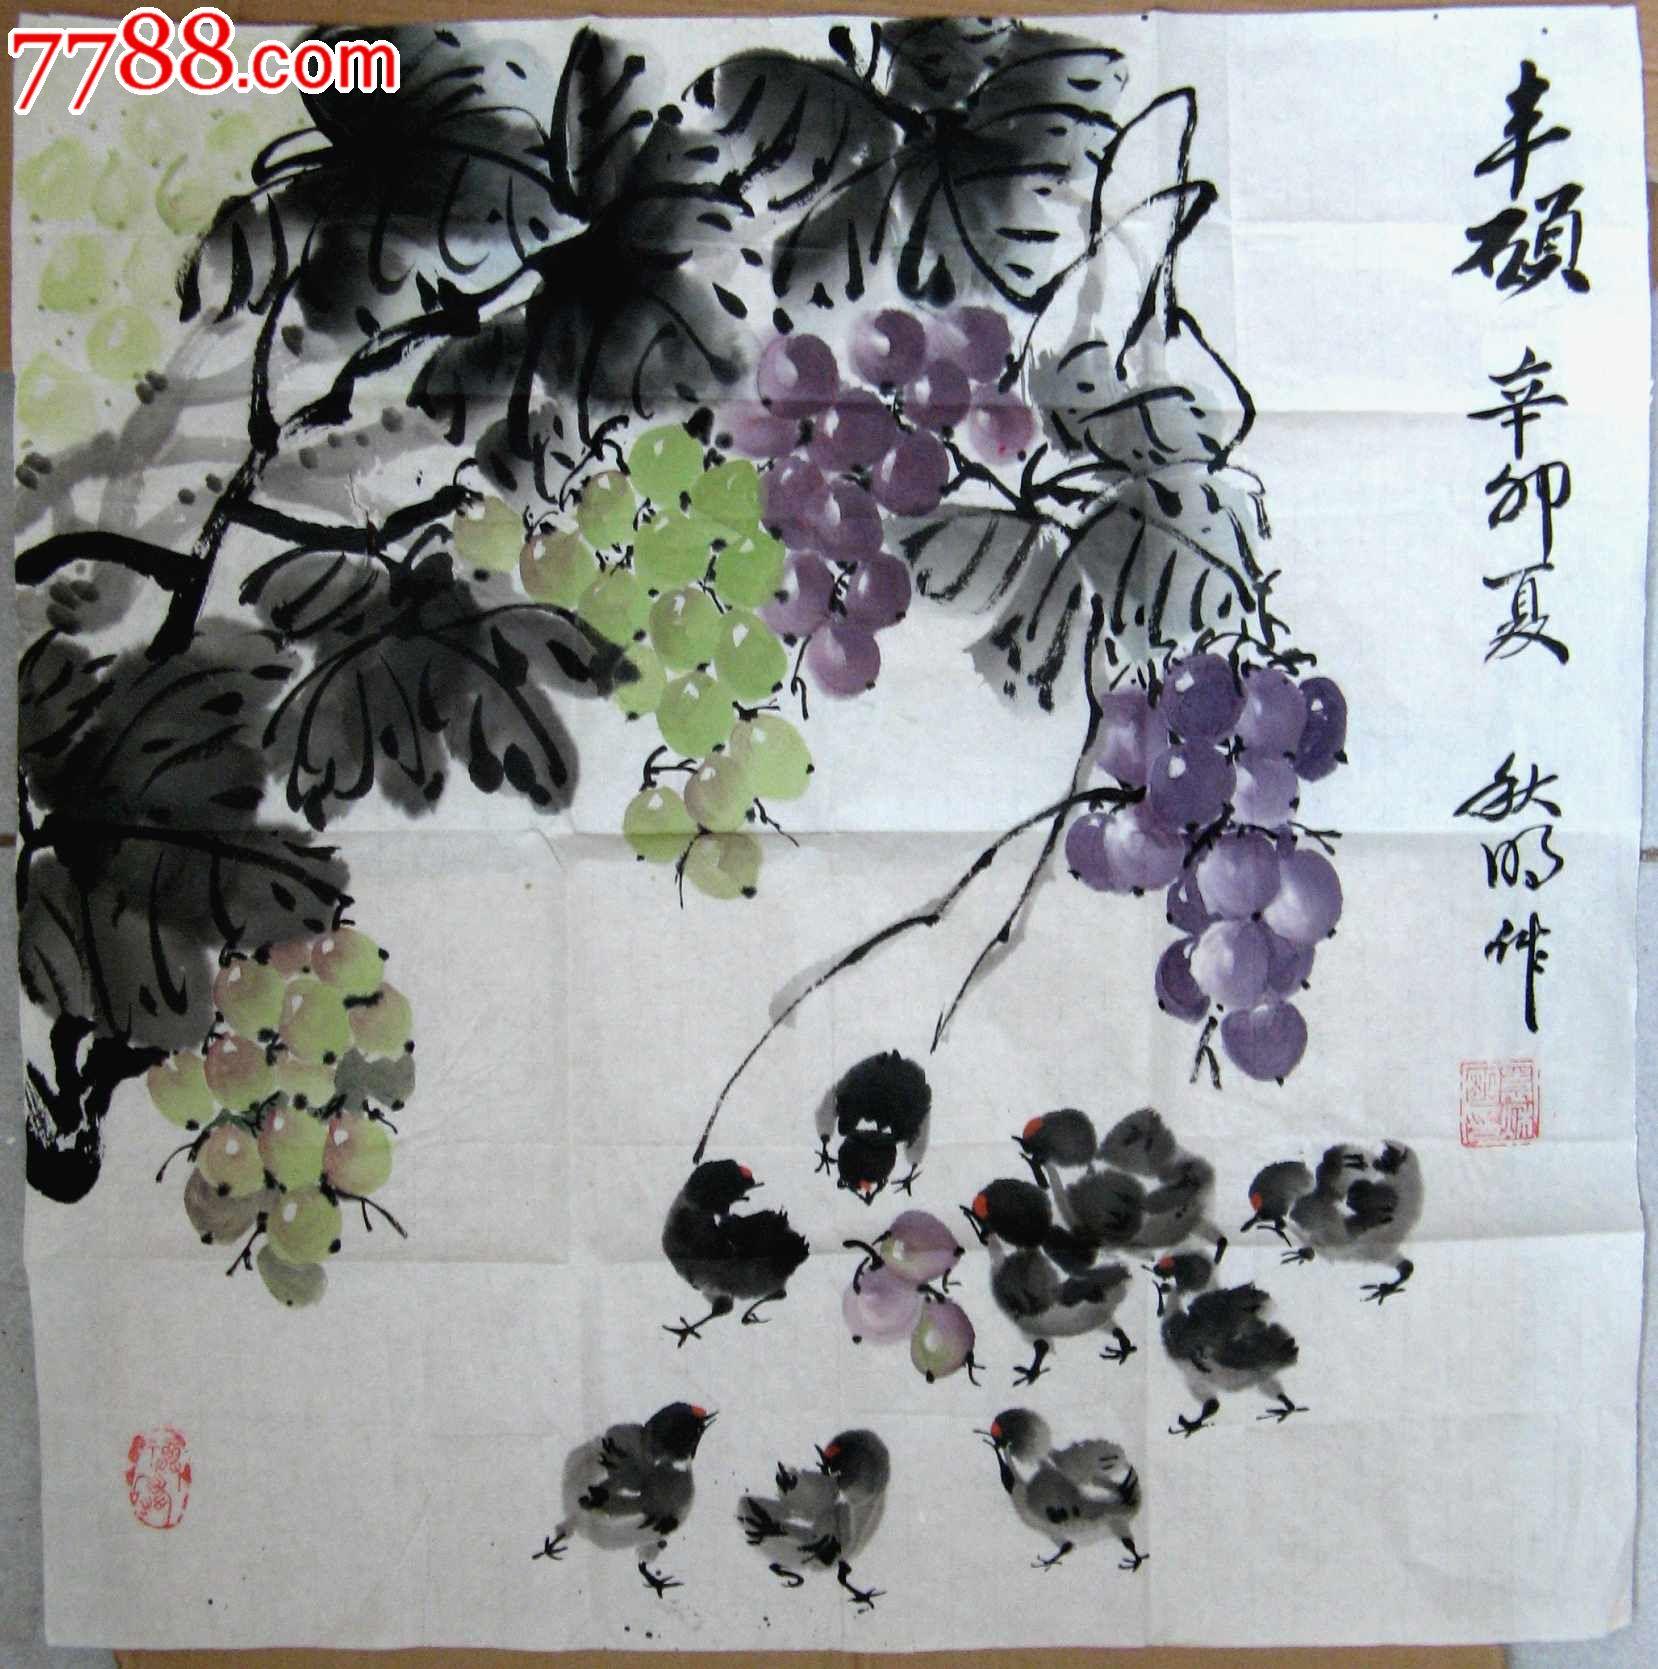 山东寿光老画家四尺斗方写意葡萄小鸡画《丰硕》